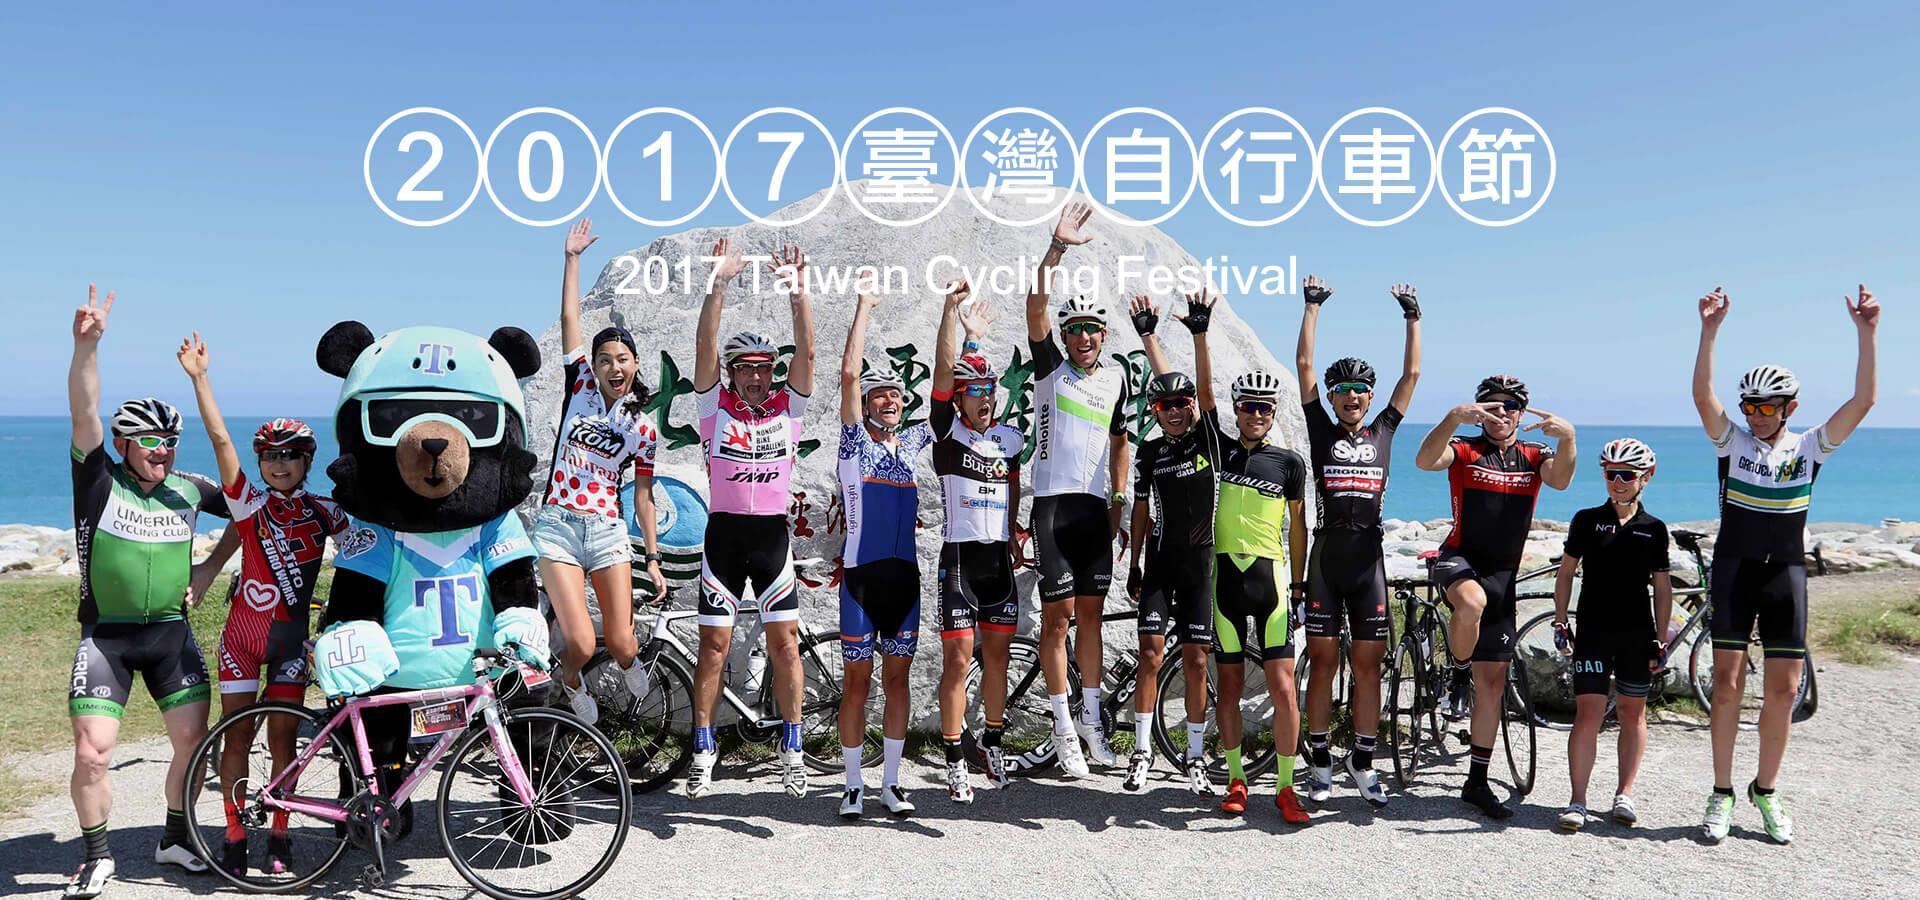 2017臺灣自行車節